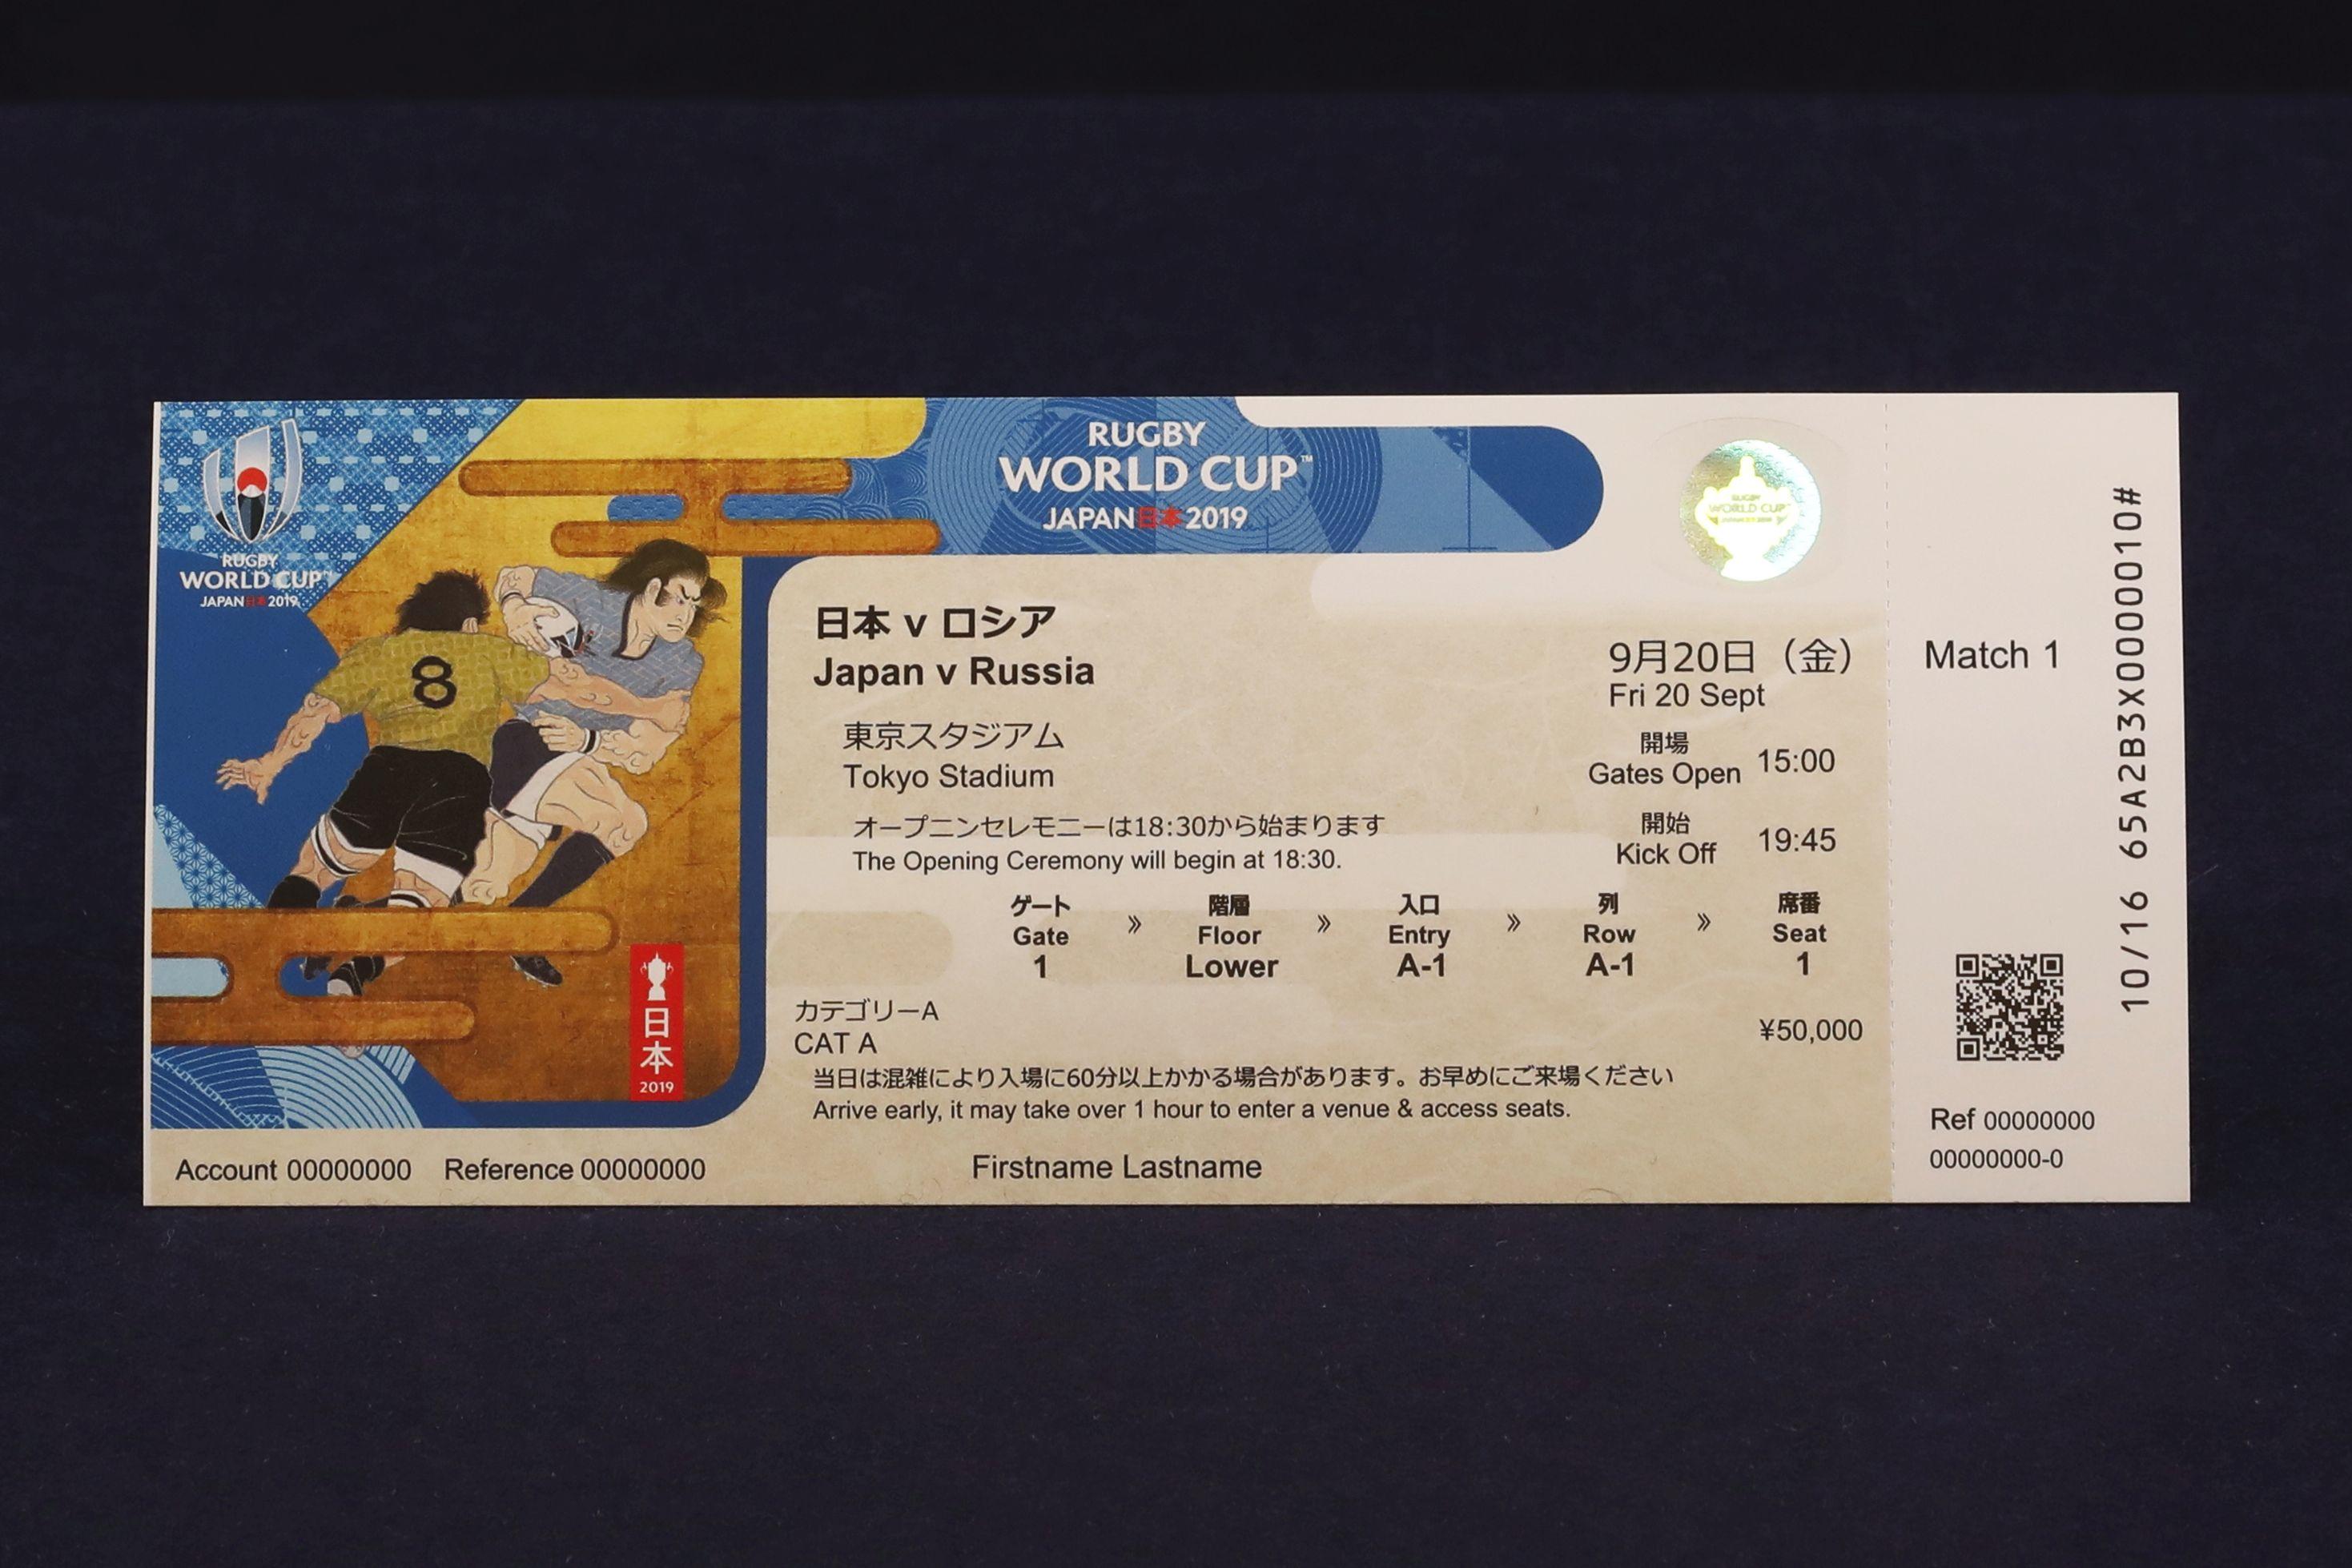 ラグビー チケット